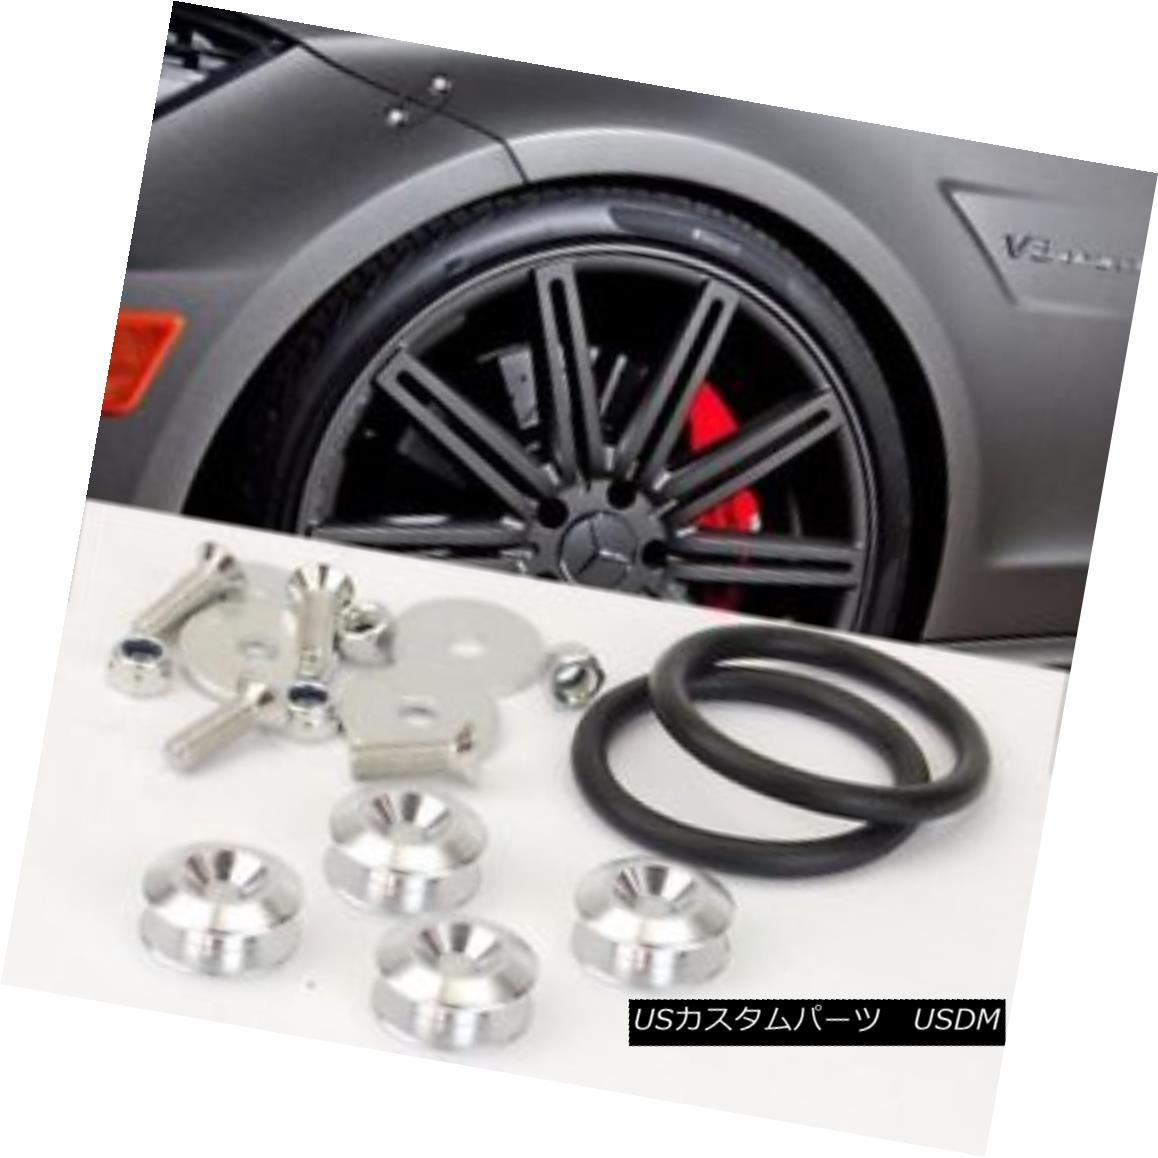 エアロパーツ Silver Bolt on Fast Quick Release Secure Kit For DODGE GMC Front Rear Bumper Lip シルバーボルト、ファーストクイックリリースDODGE GMCフロントリアバンパーリップ用安全キット